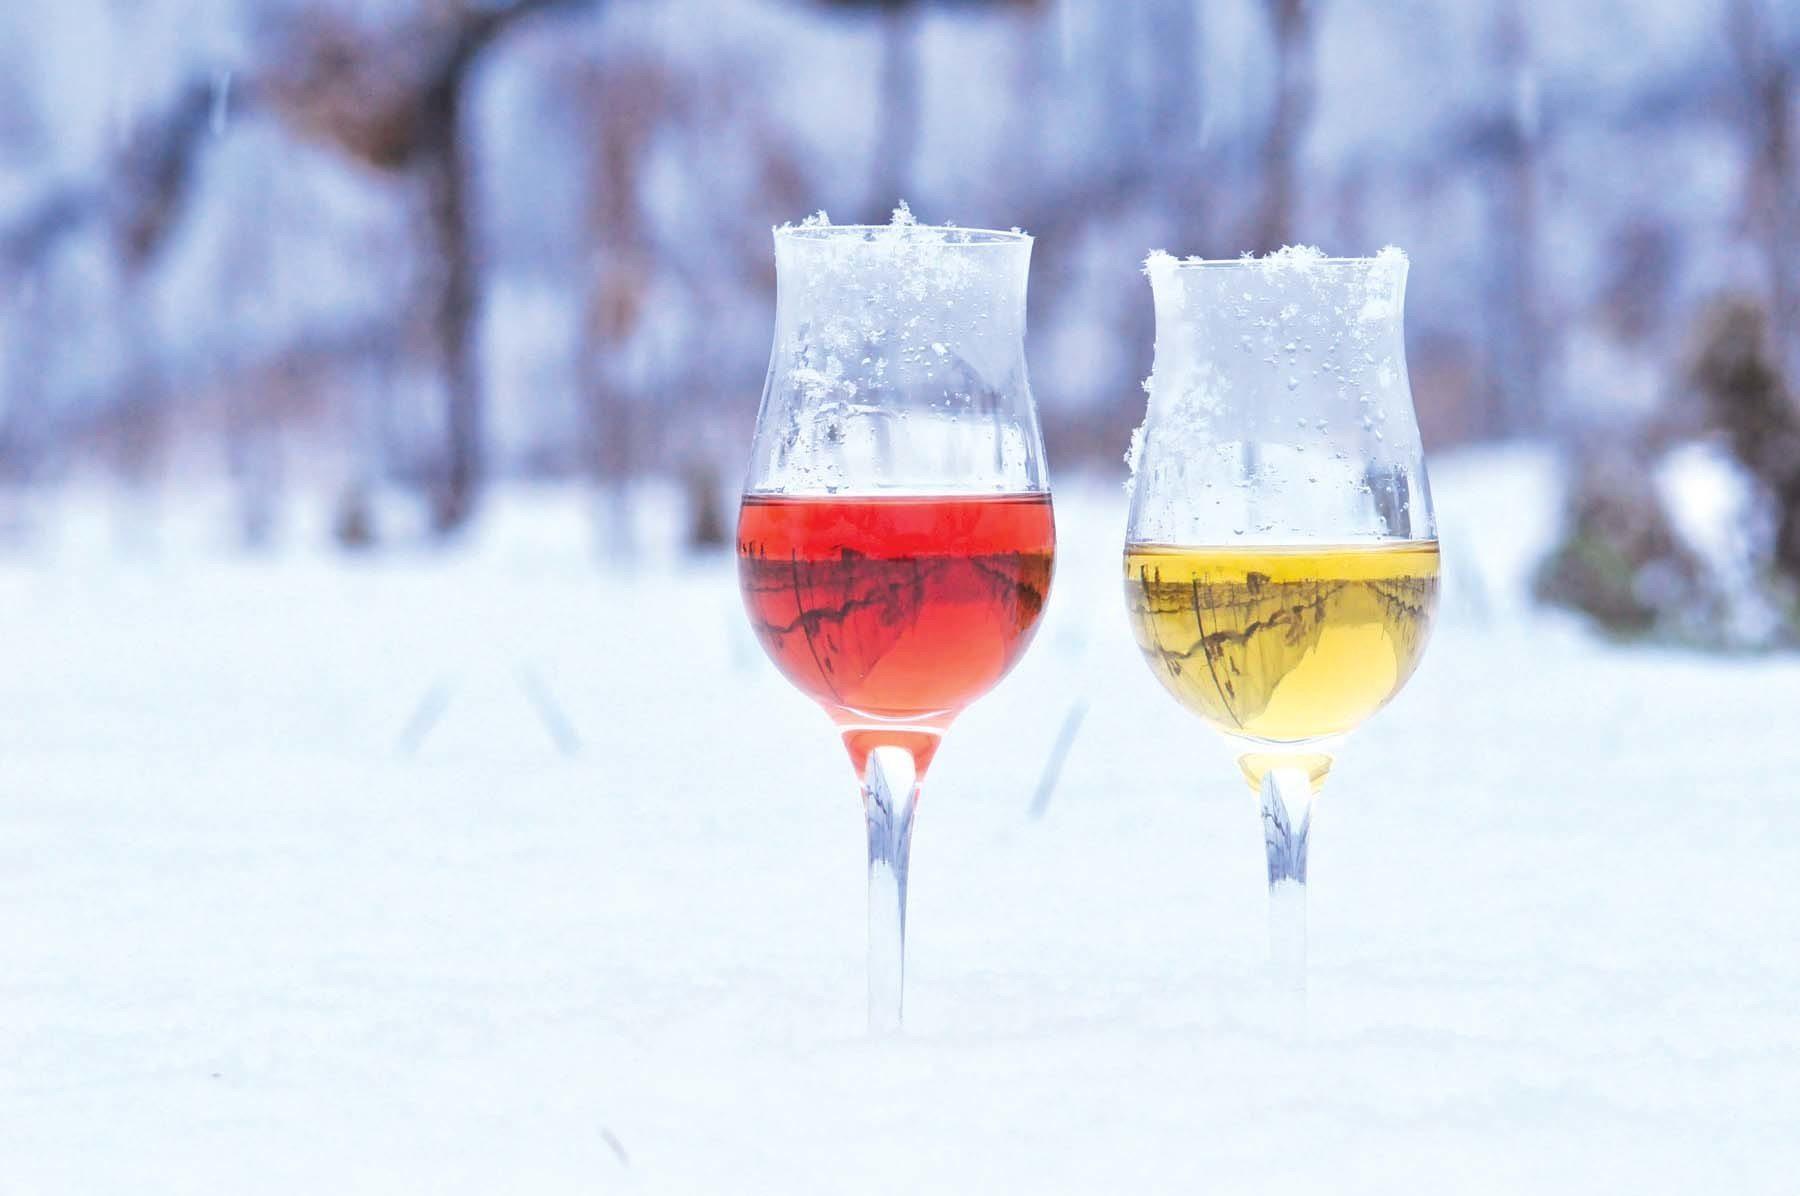 カナダは希少なアイスワインの産地としても有名です。大切な方へのお土産にも最適。 画像引用元 http://www.cultureaddicthistorynerd.com/2016/01/2016-niagara-icewine-festival-video/